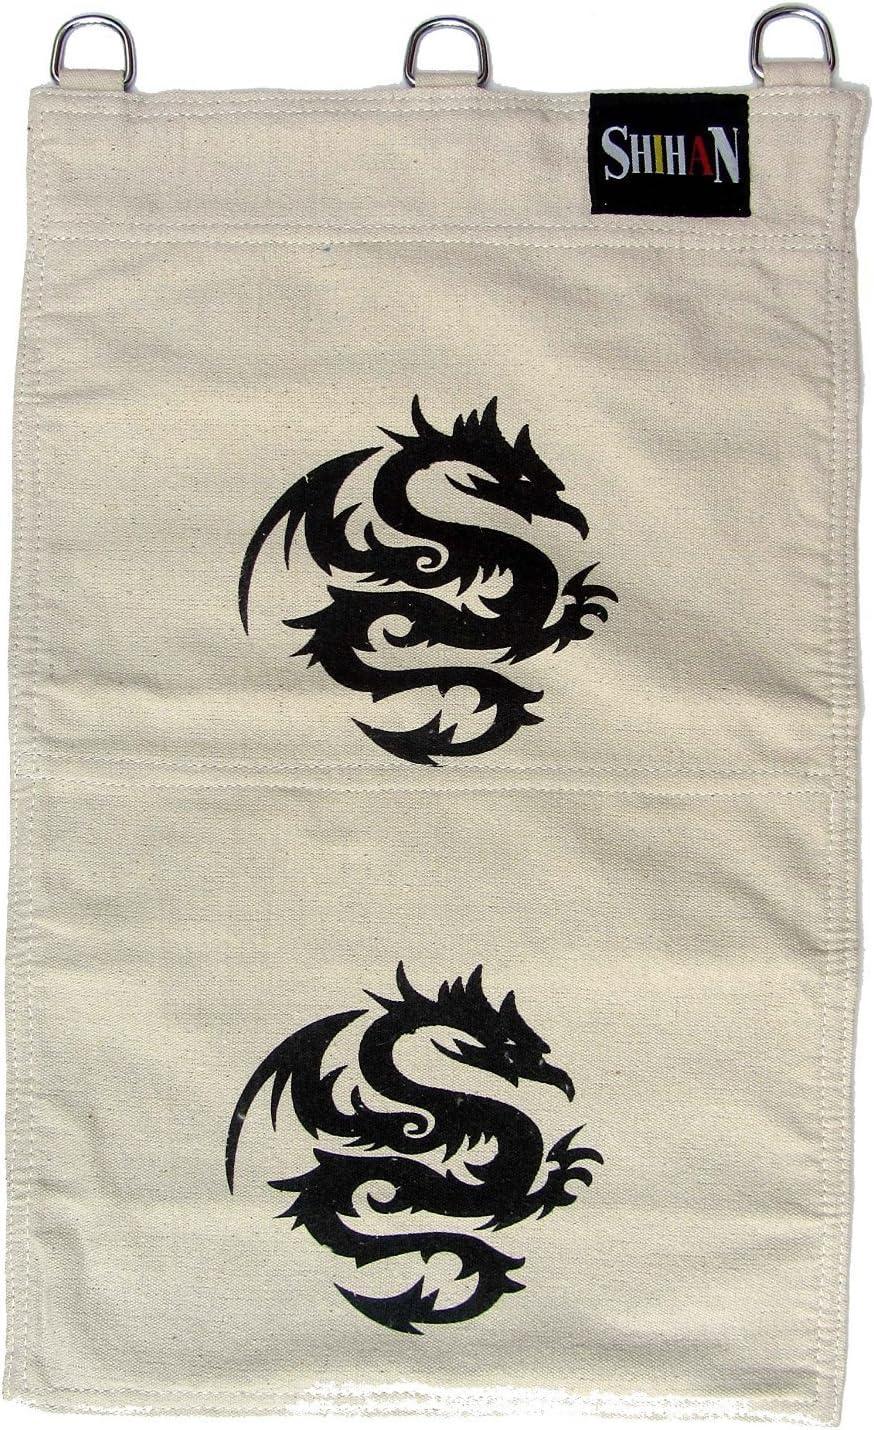 SAND BAG 2 Section HEI-DRAGON Wing Chun Canvas Wall Striking Bag Boxing Bag